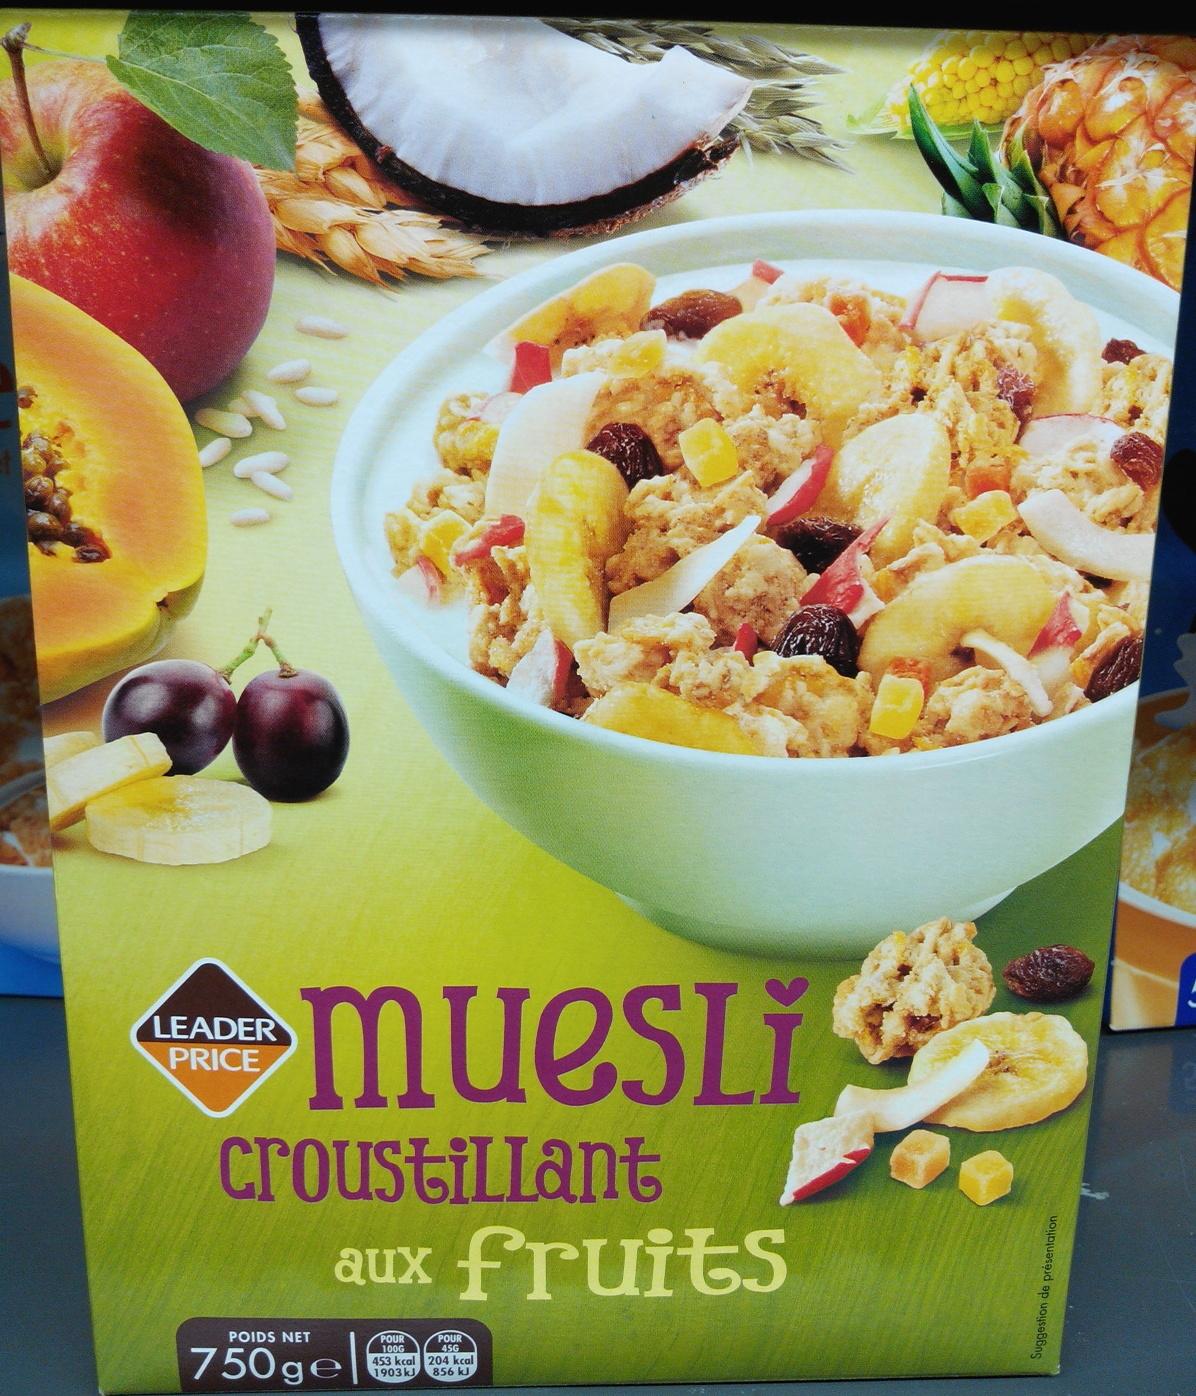 Muesli Croustillant aux fruits - Product - fr